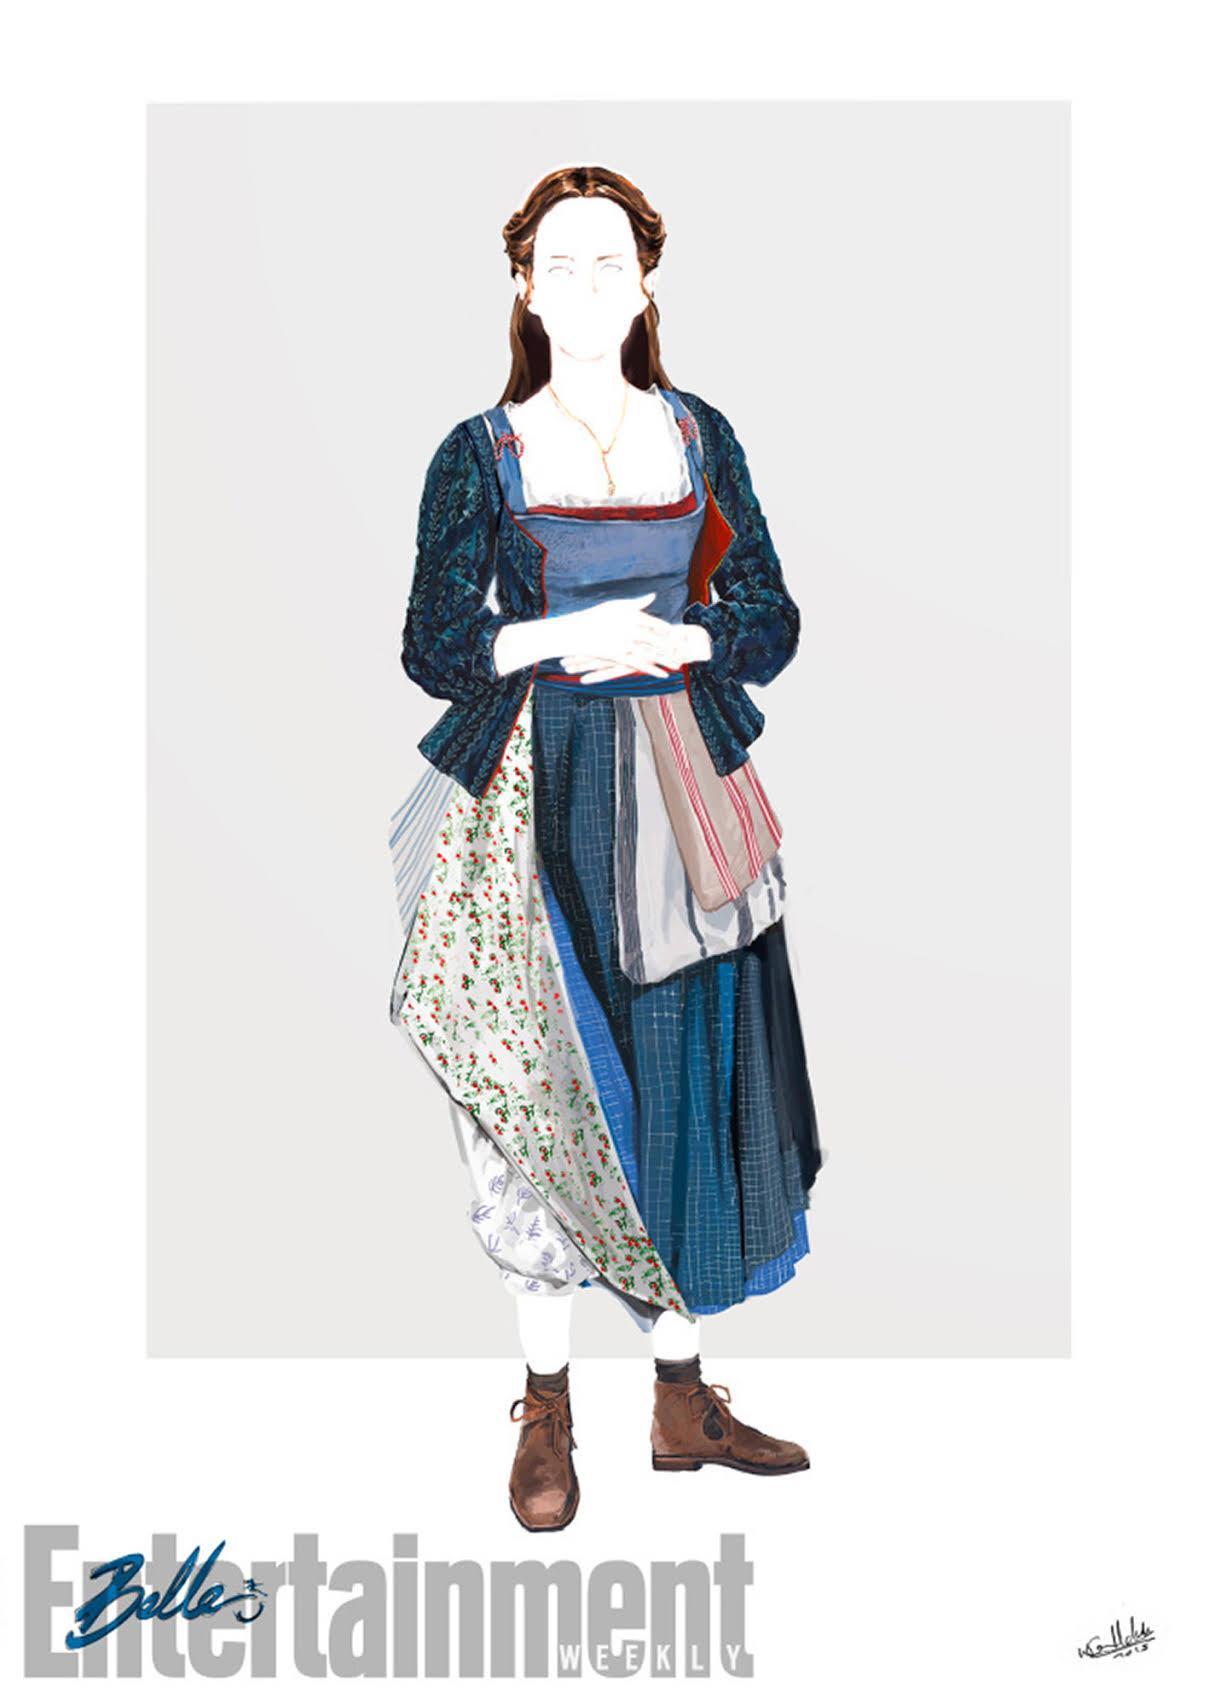 「19世紀後半に流行し、短いスカートの下にはく袋のように足首のところですぼめた女性用のズボン」であるブルマーを青いベルの服装に取り入れましたが、これは エマ・